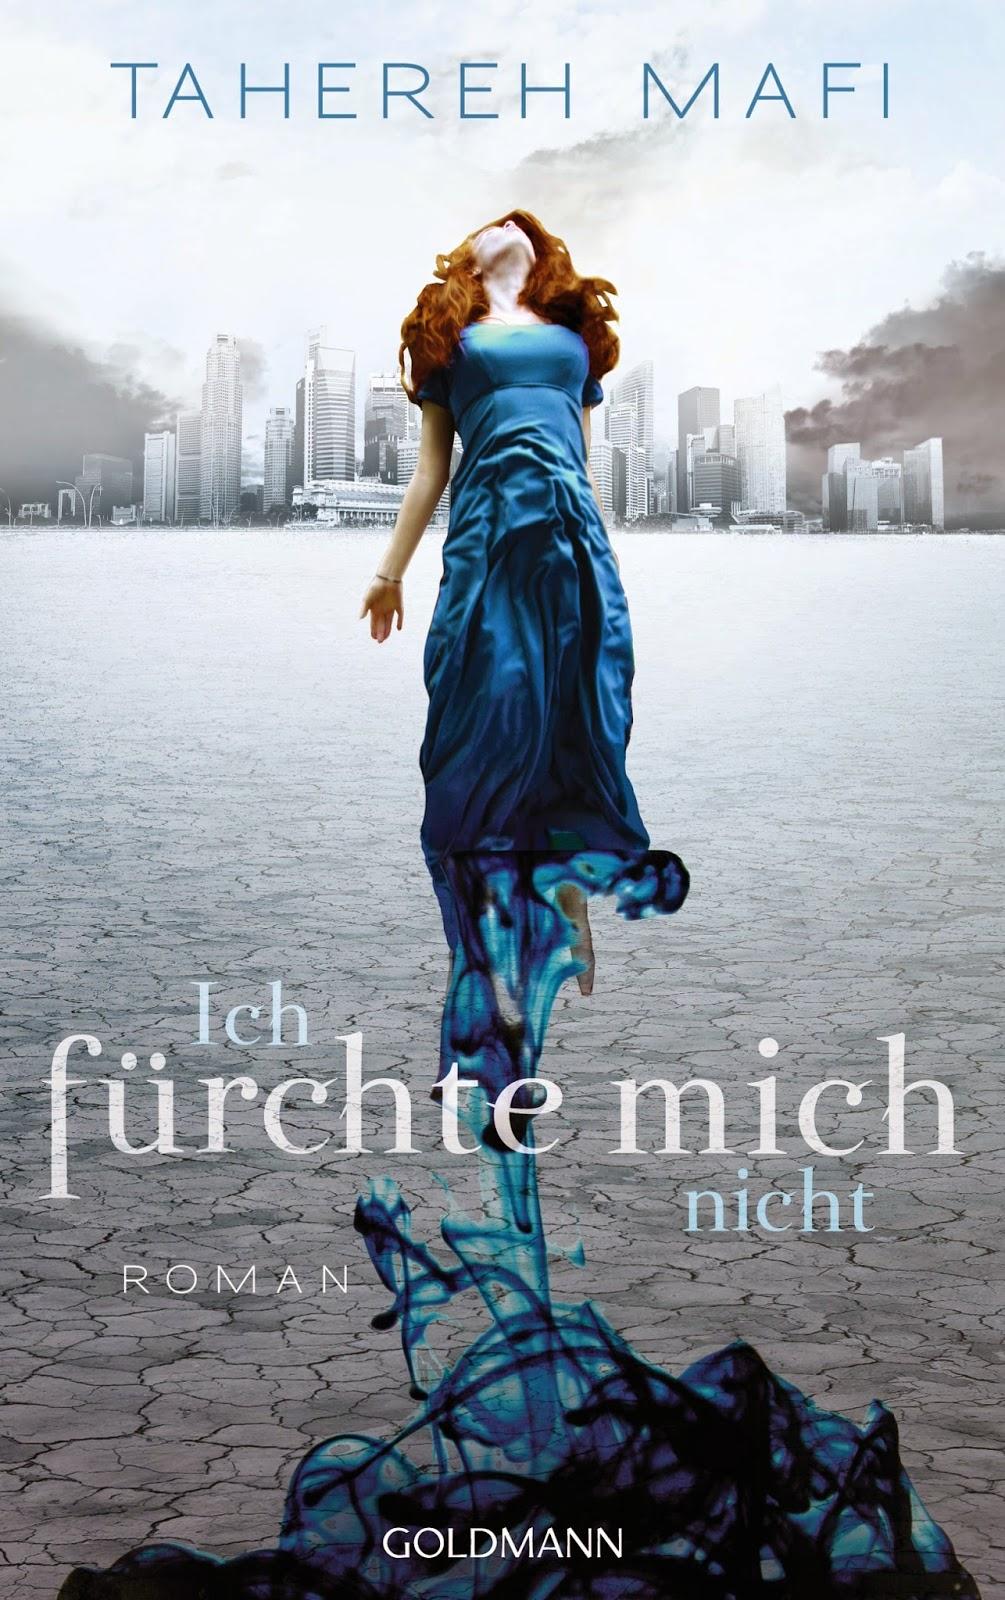 http://www.buchhaus-sternverlag.de/appDE/nav_product.php?product=O9783442313013&ORIGIN_PRO=OFS&ORIGIN_PRO=OFS